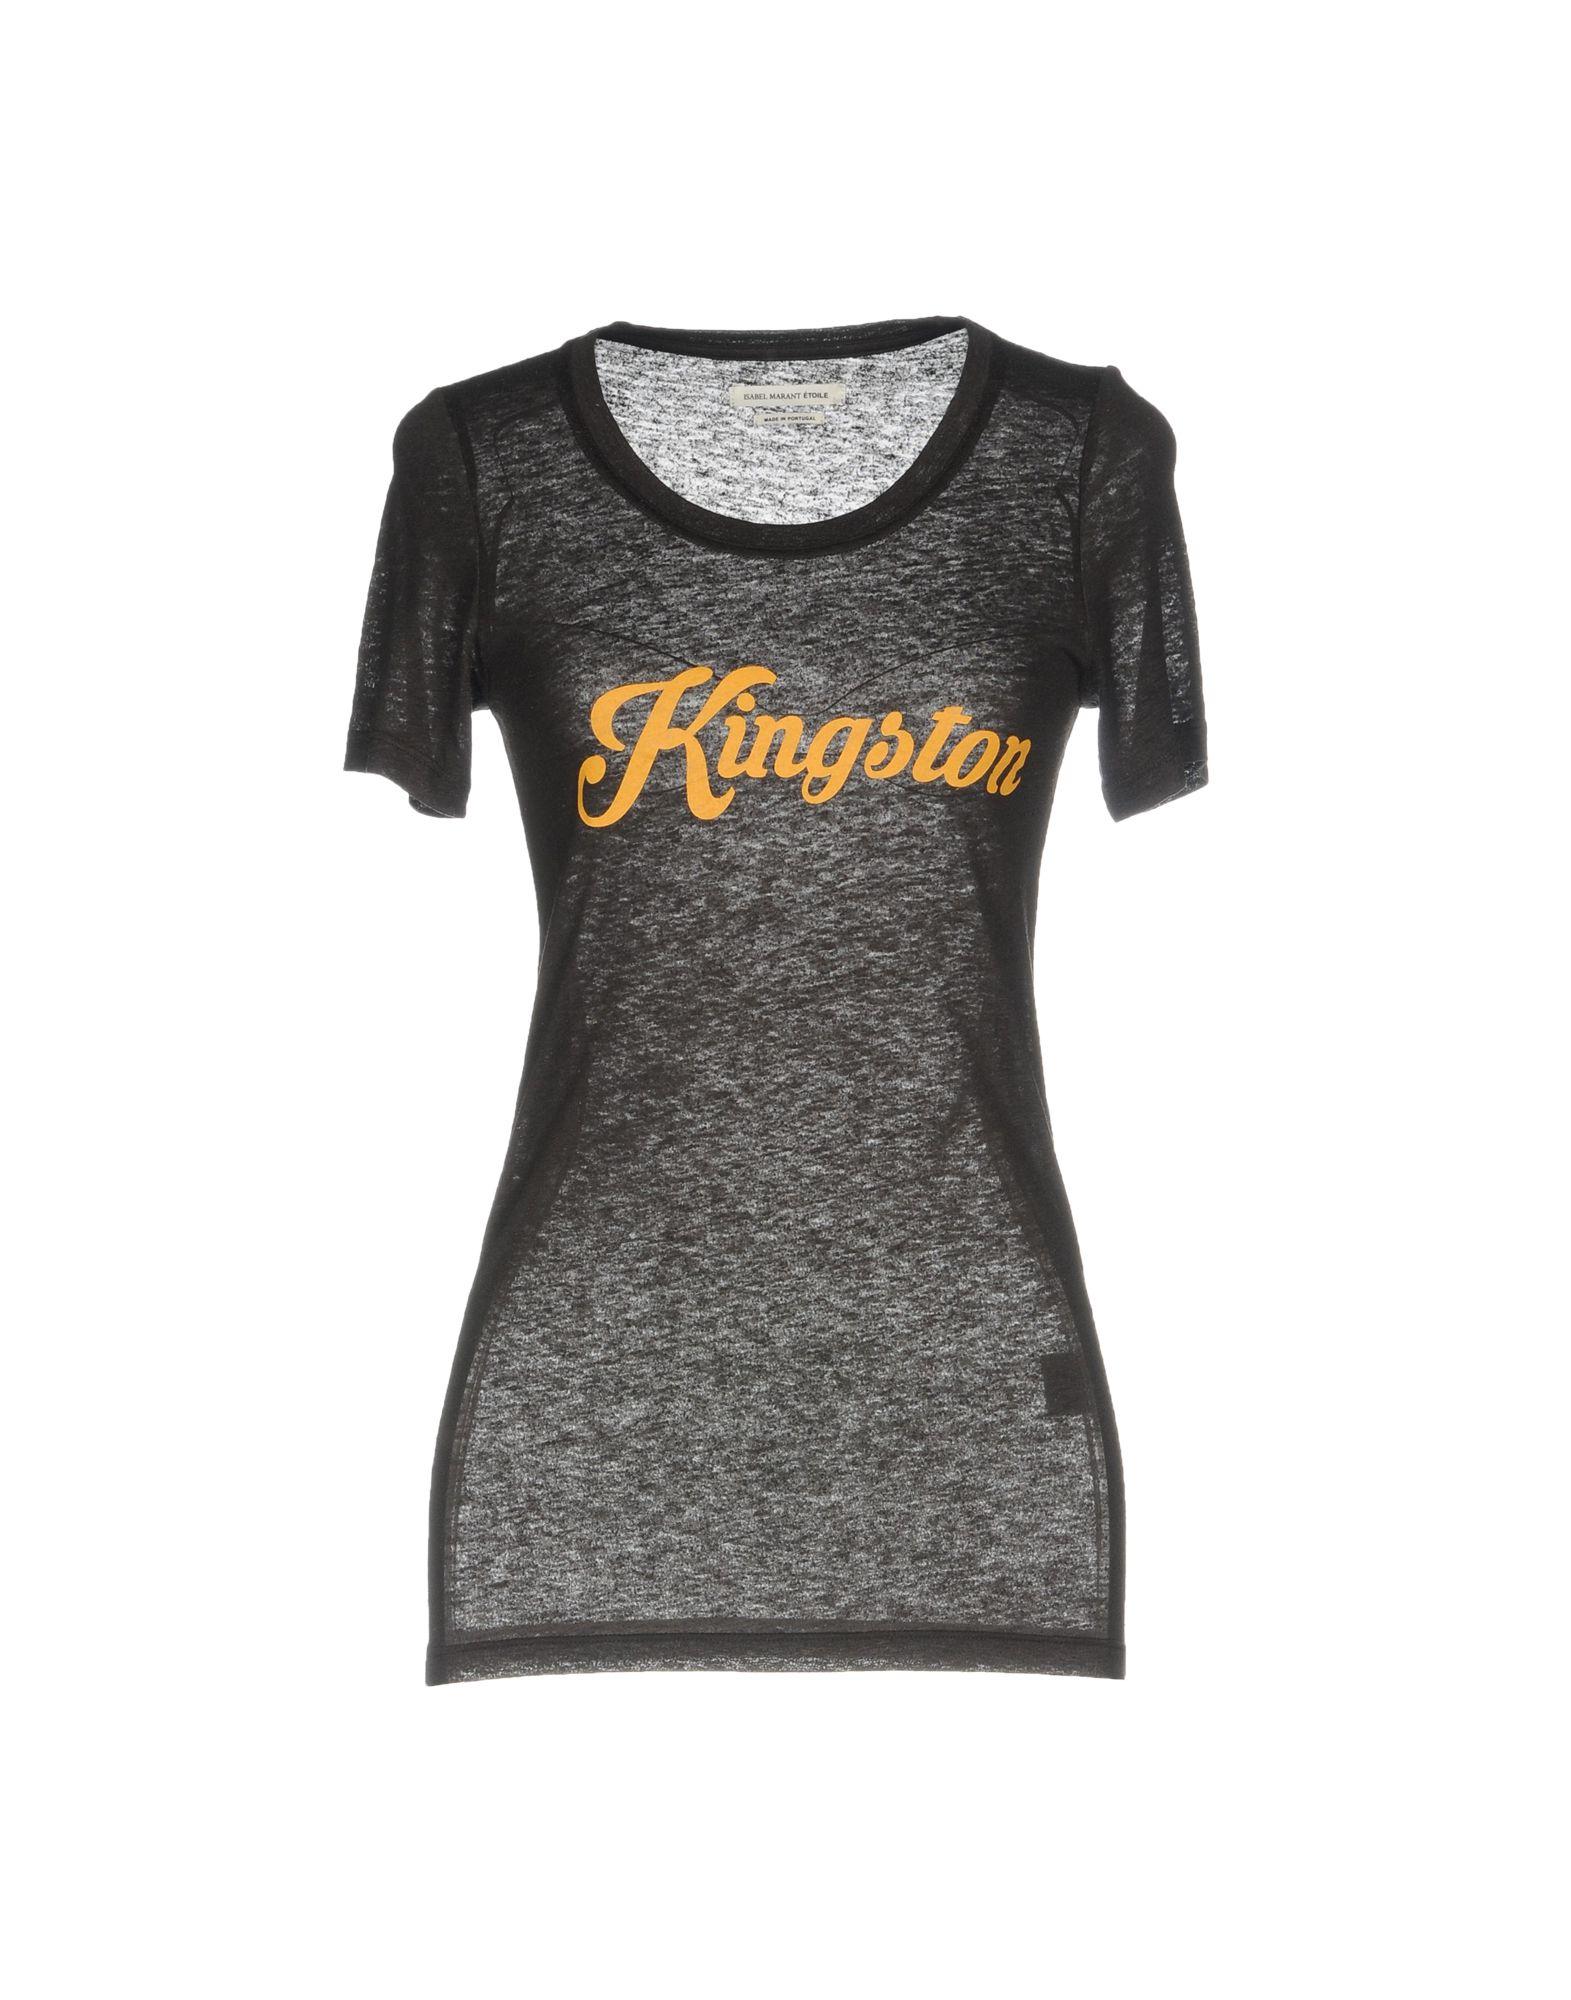 ISABEL MARANT ÉTOILE Damen T-shirts Farbe Schwarz Größe 3 - broschei